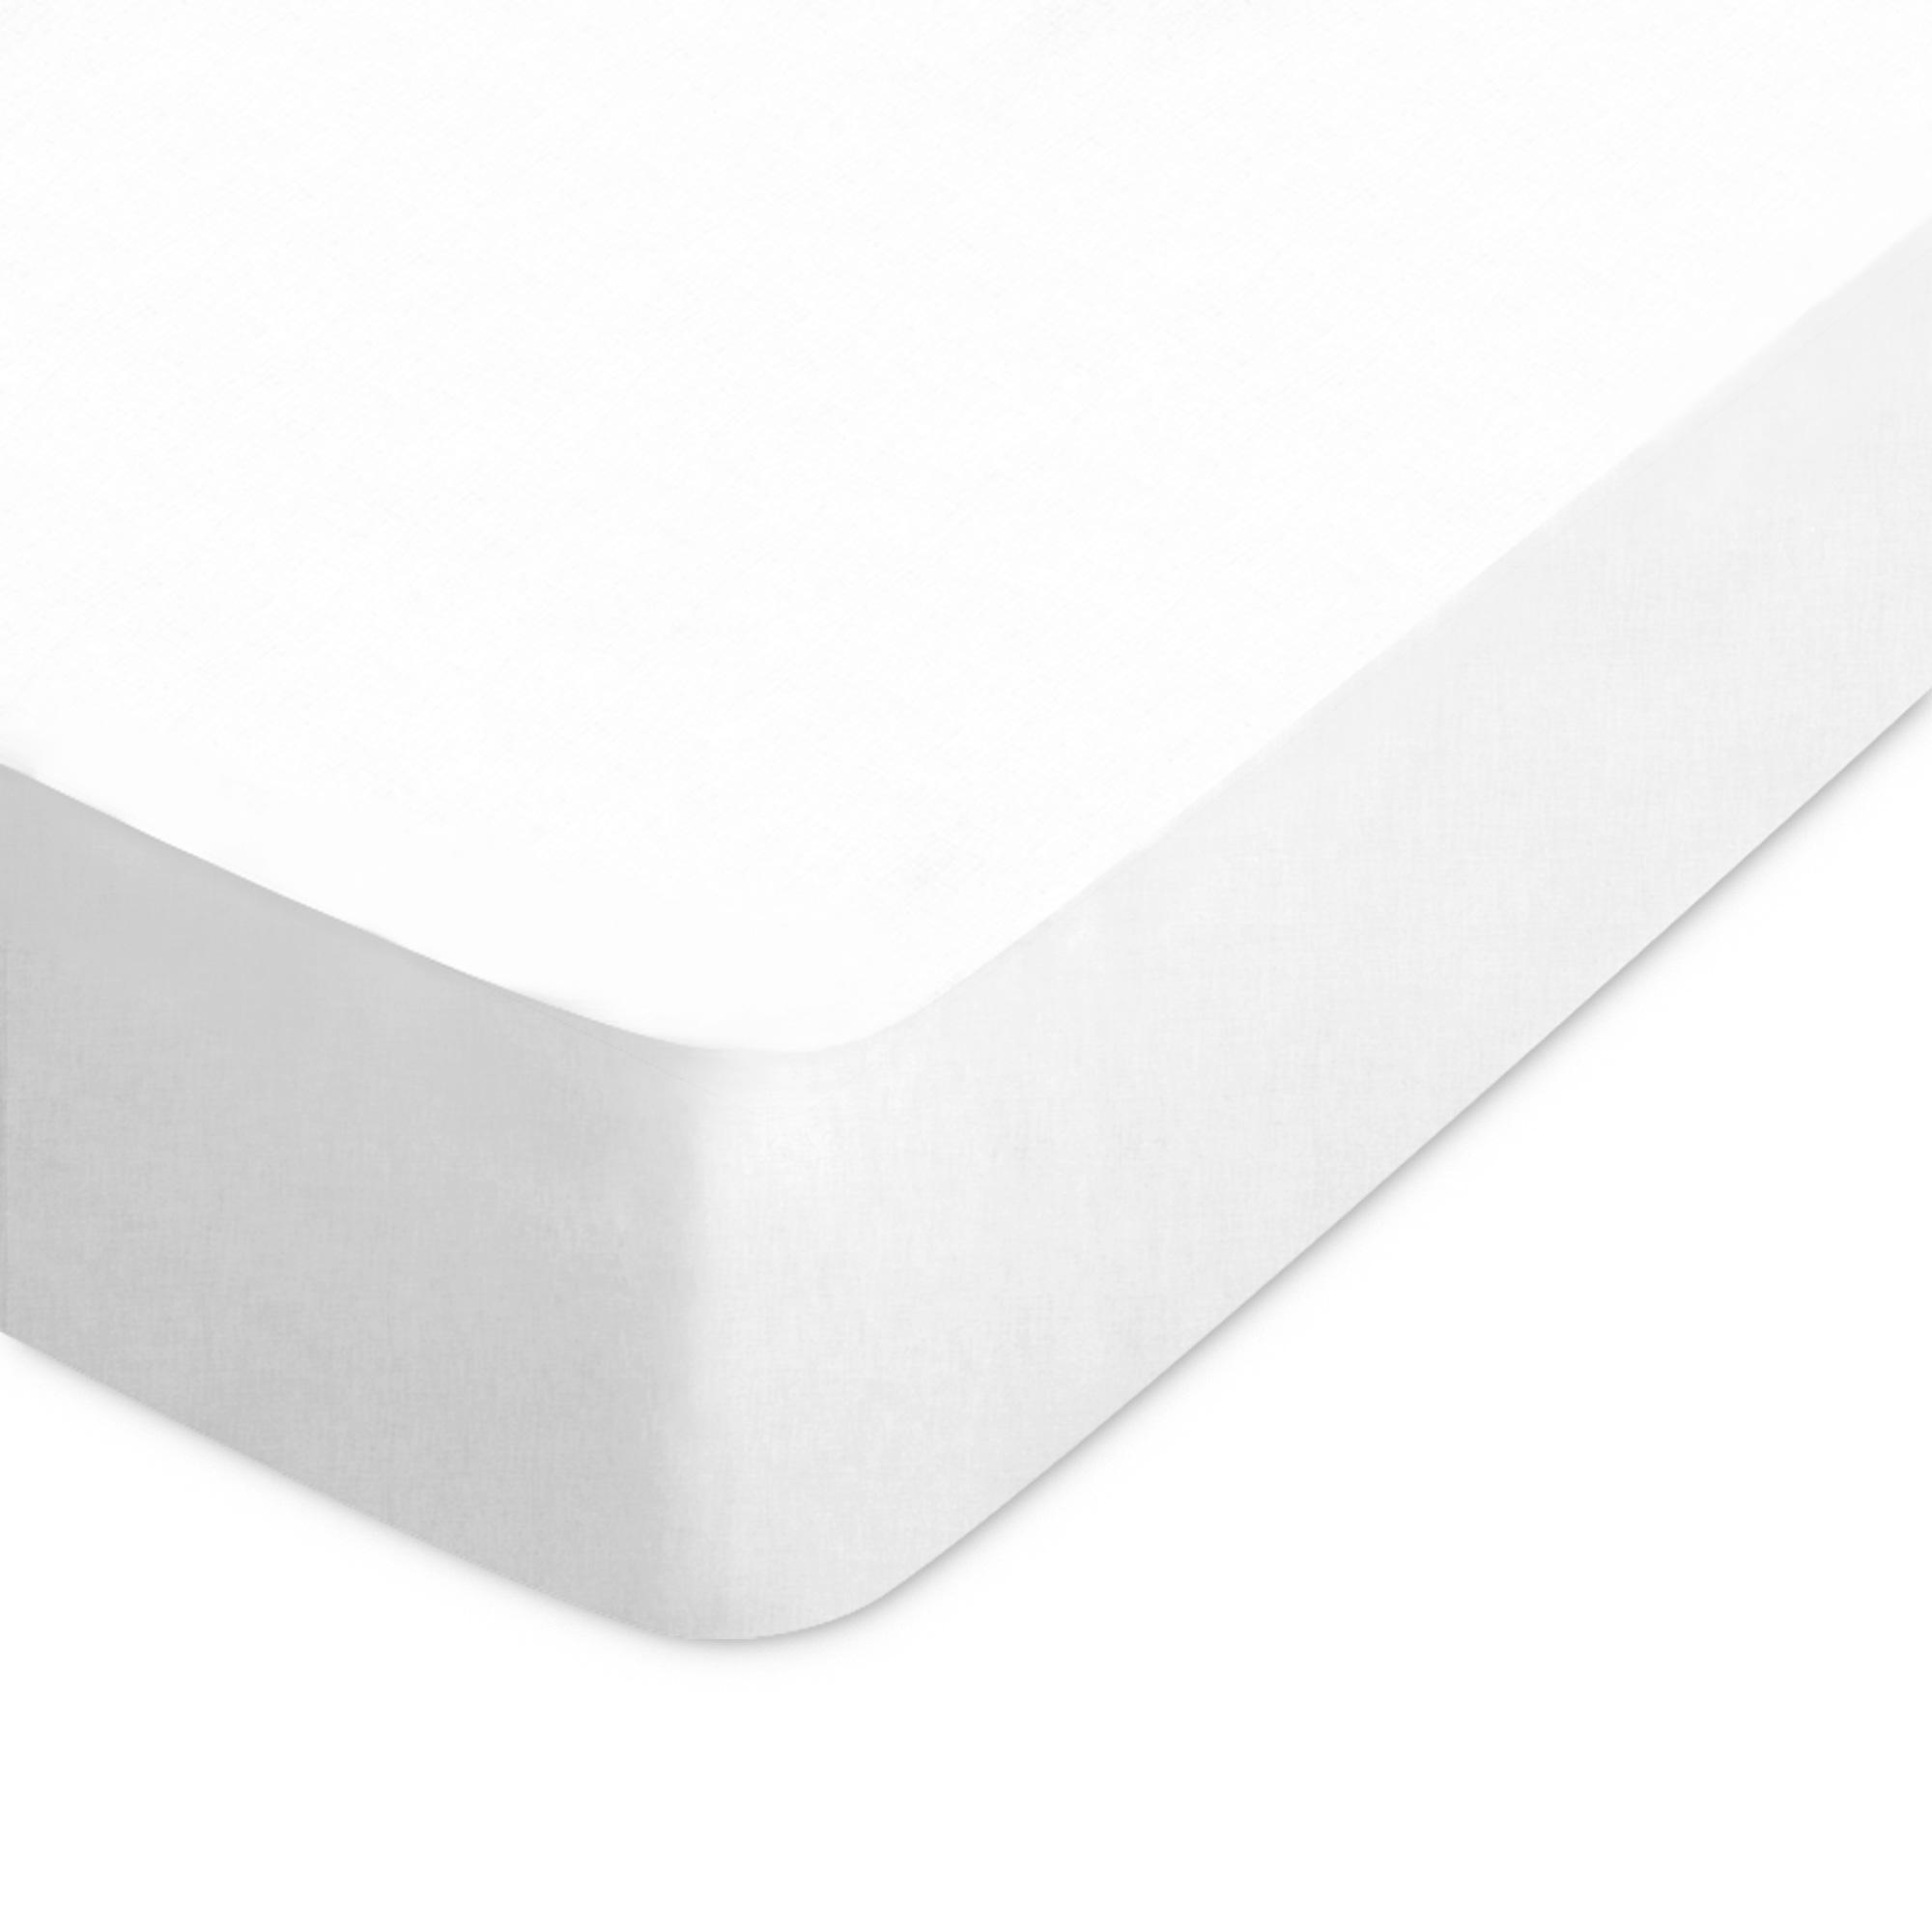 Drap housse 80x200cm uni pur coton alto blanc linnea for Drap housse 80 x 200